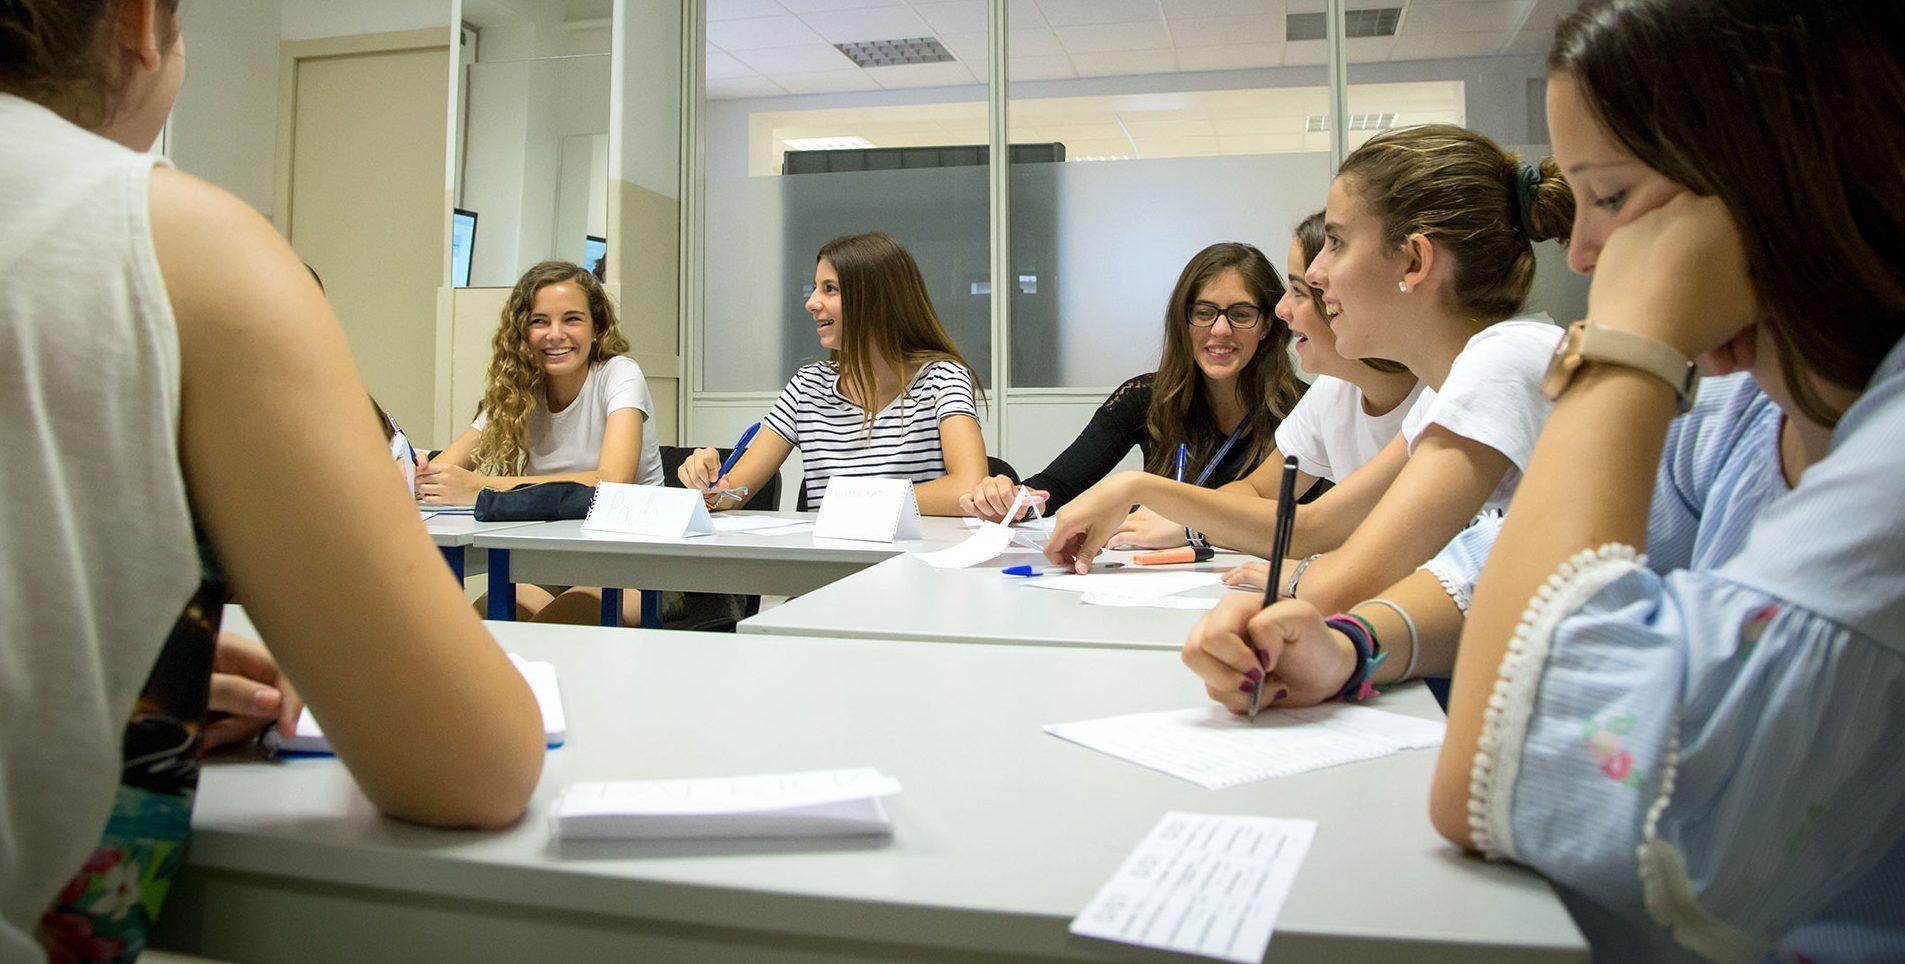 Soggiorni linguistici di gruppo: destinazioni e programmi ...